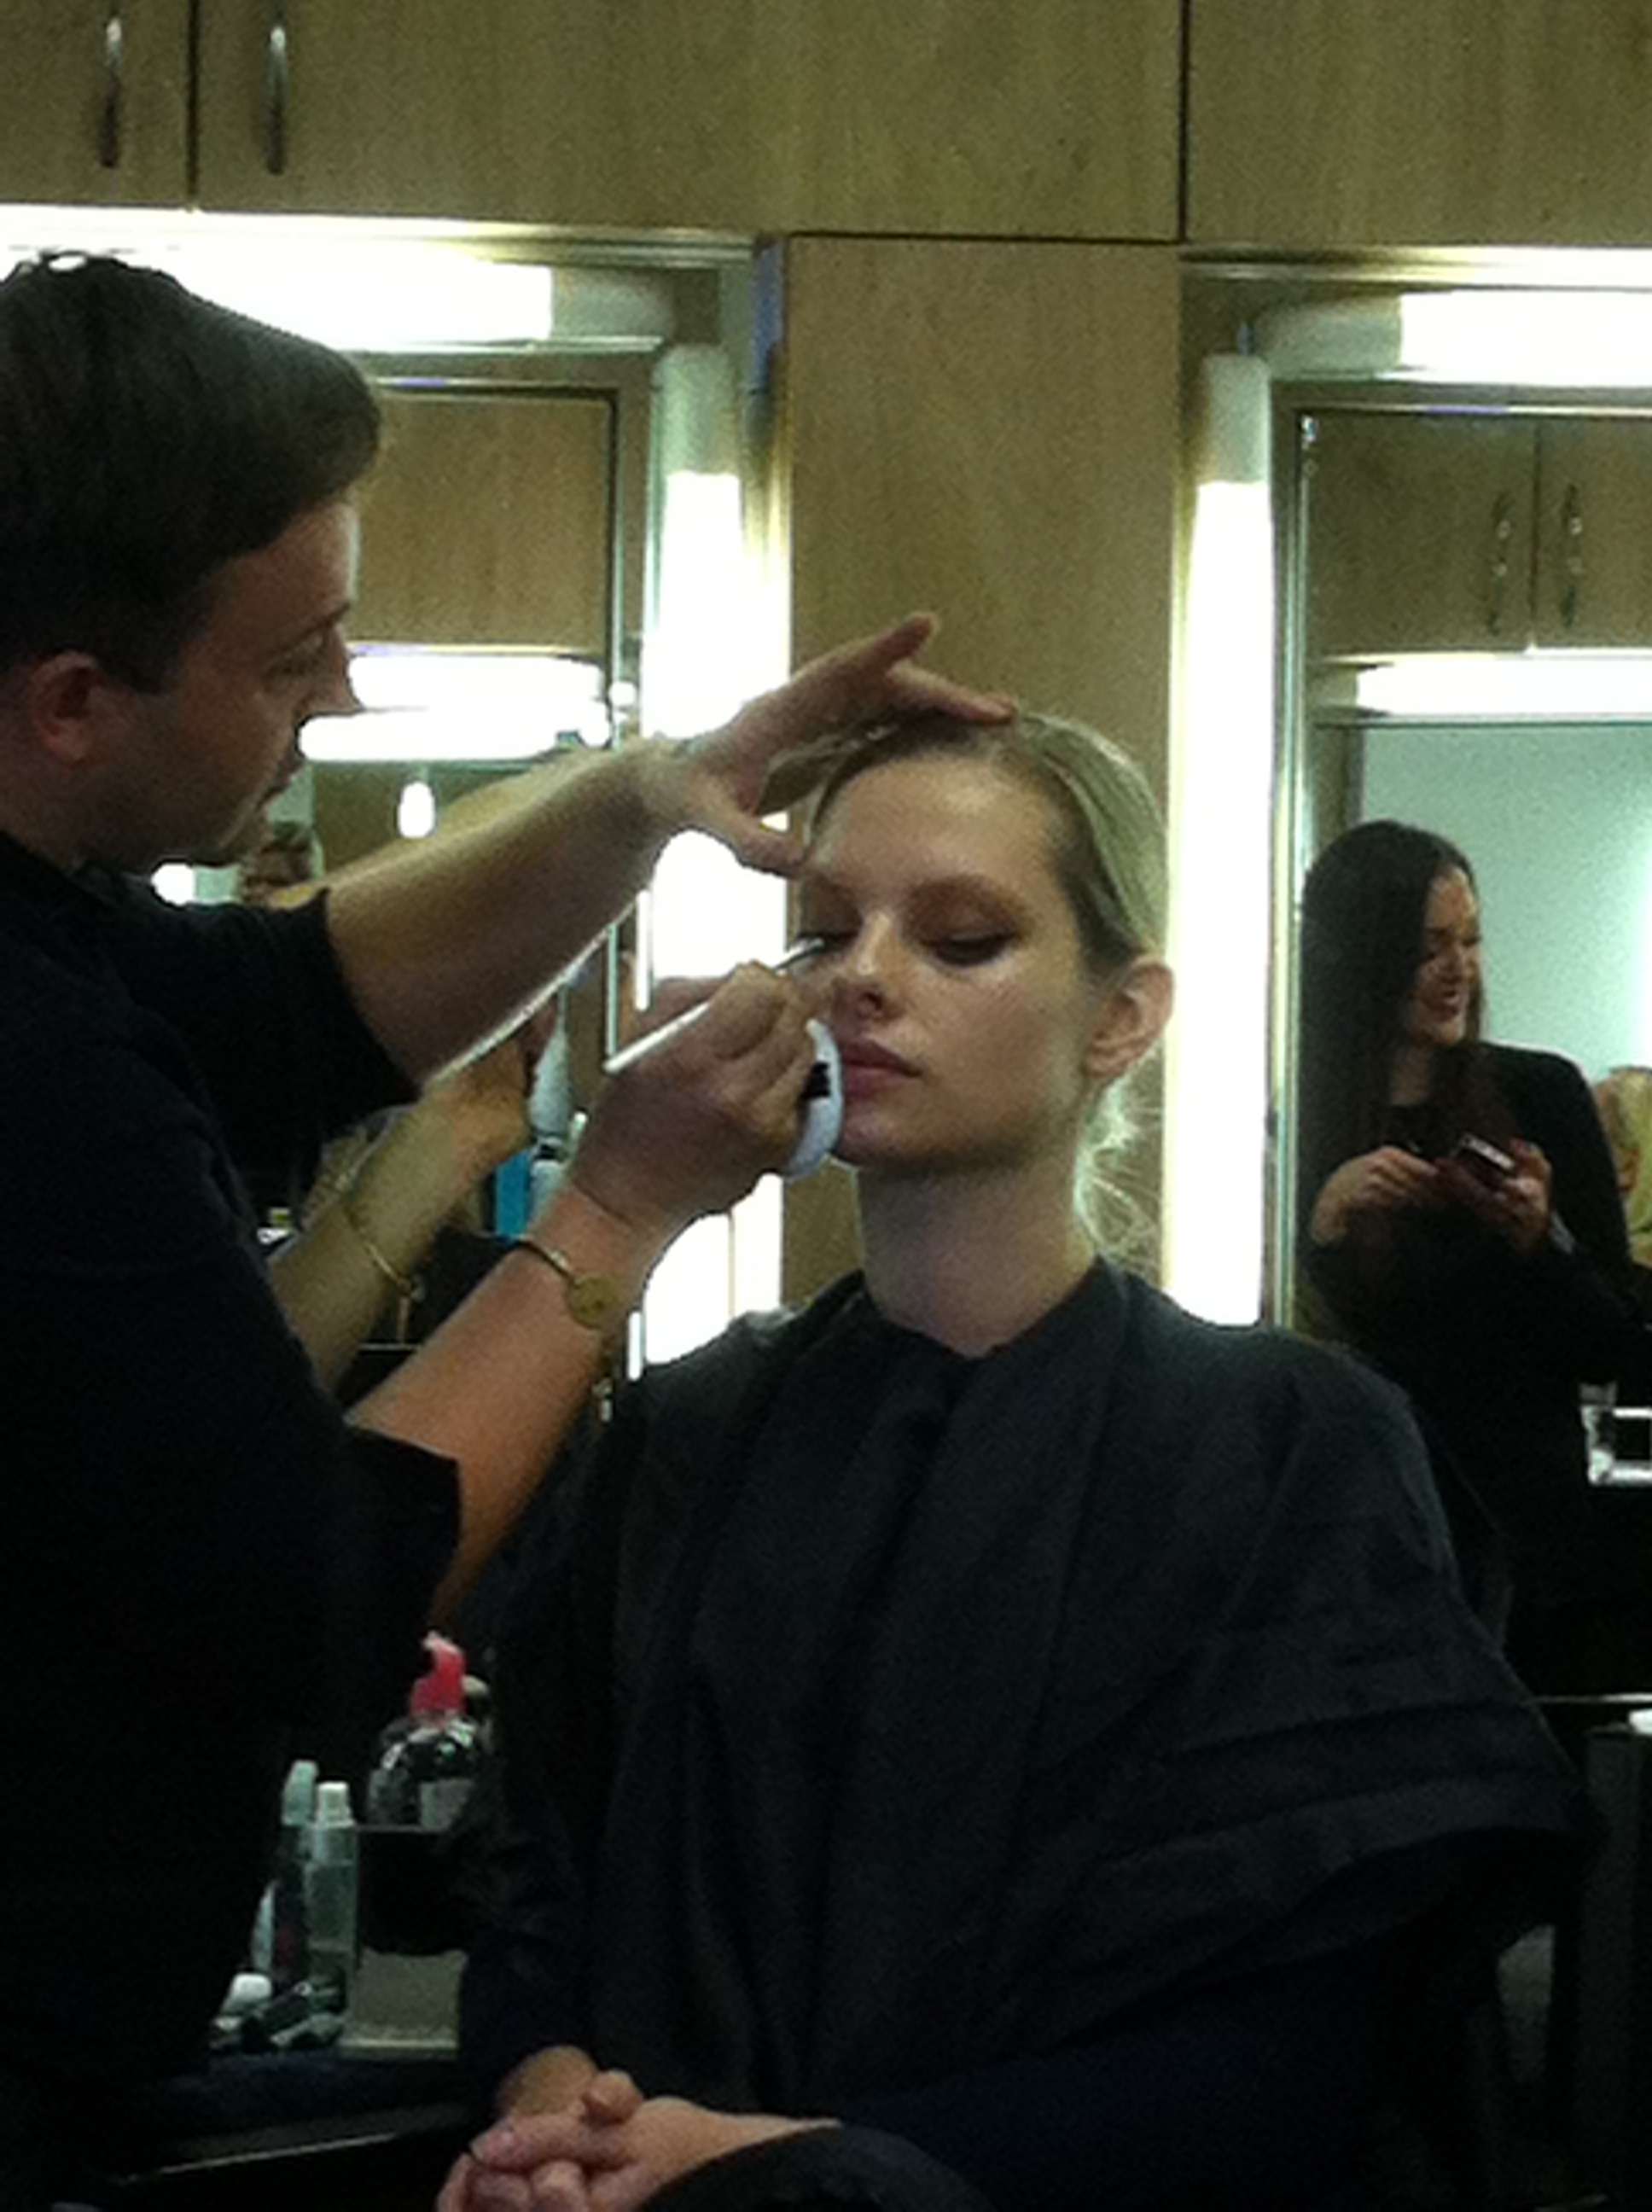 human braiding hair